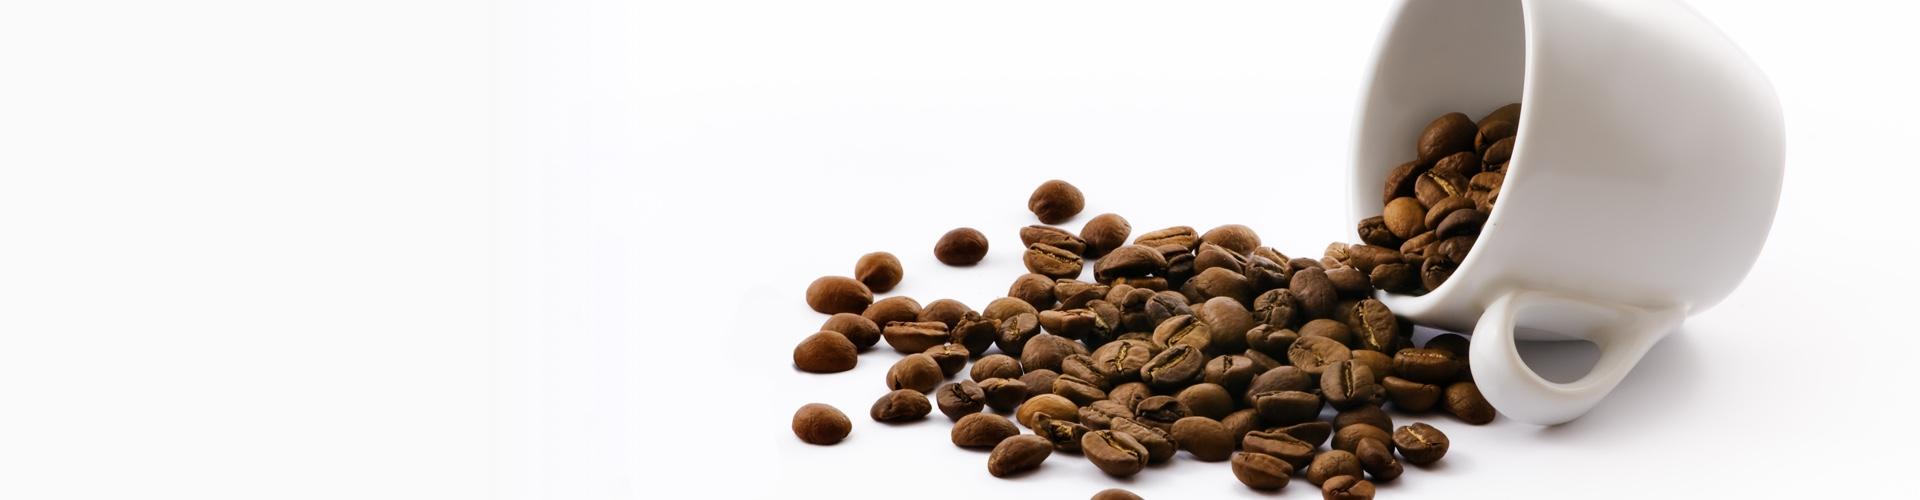 Máquinas de café em grão para empresas